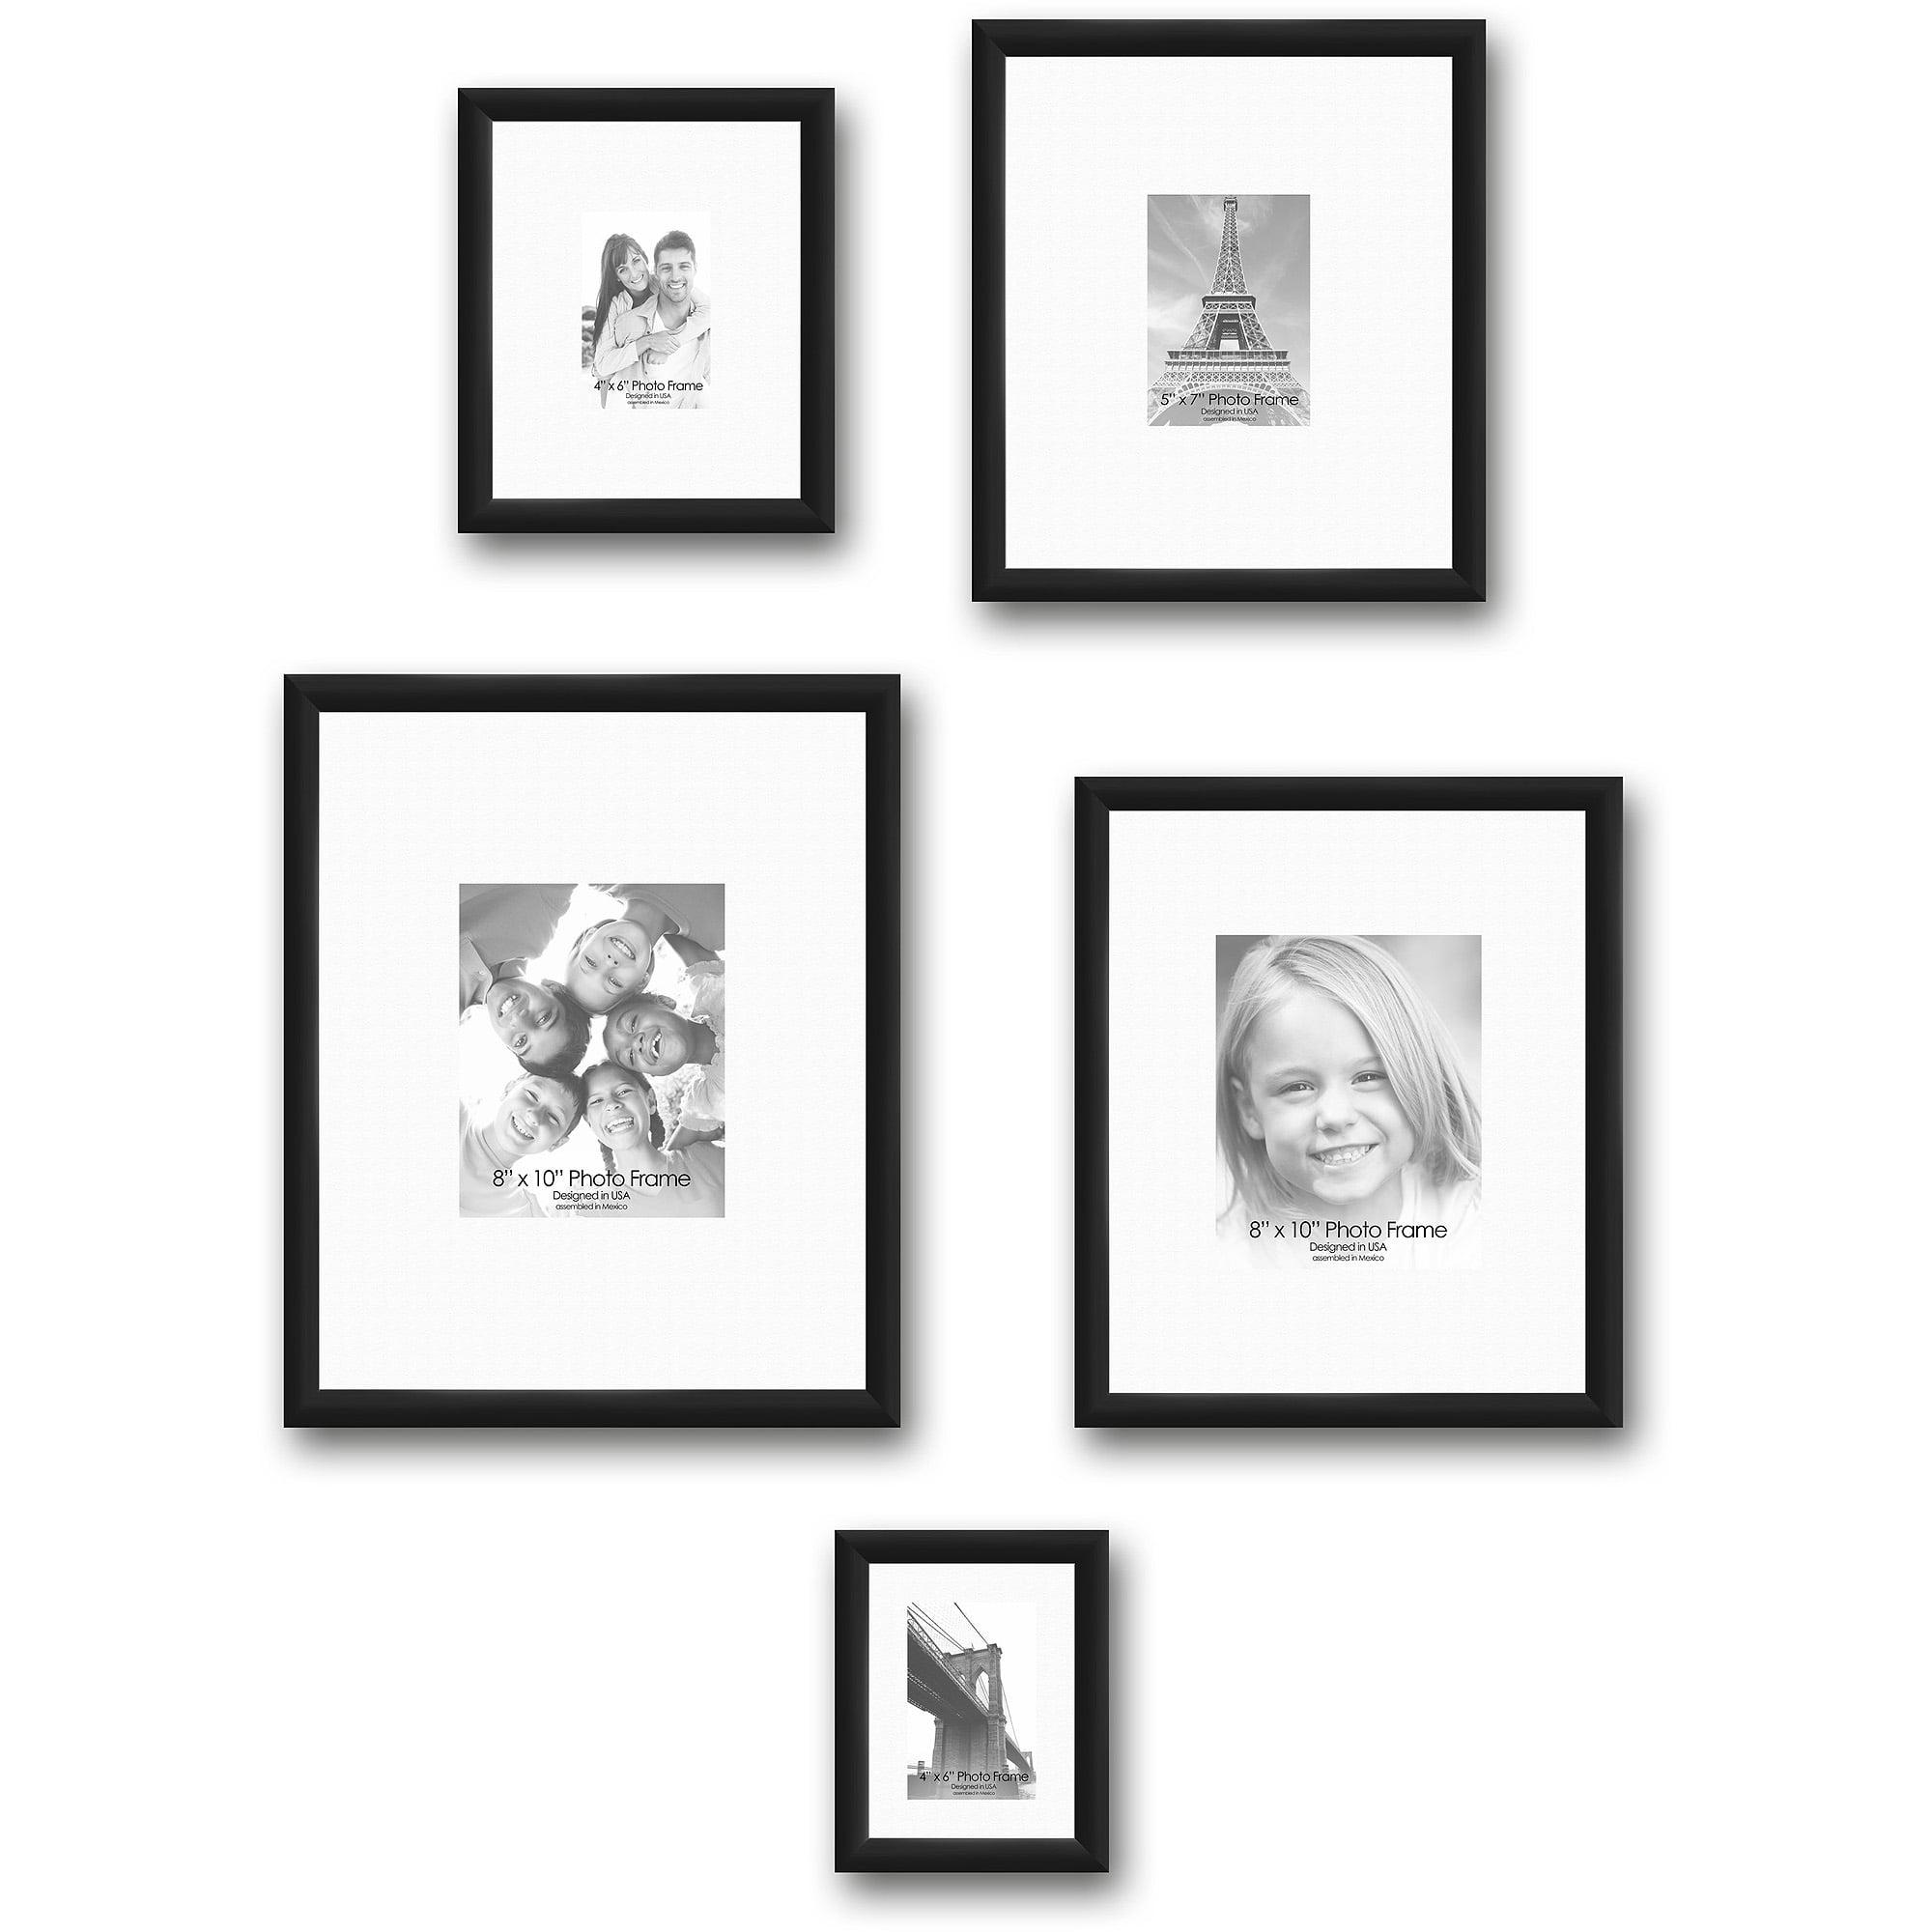 Gallery Frames, Set of 5, Black